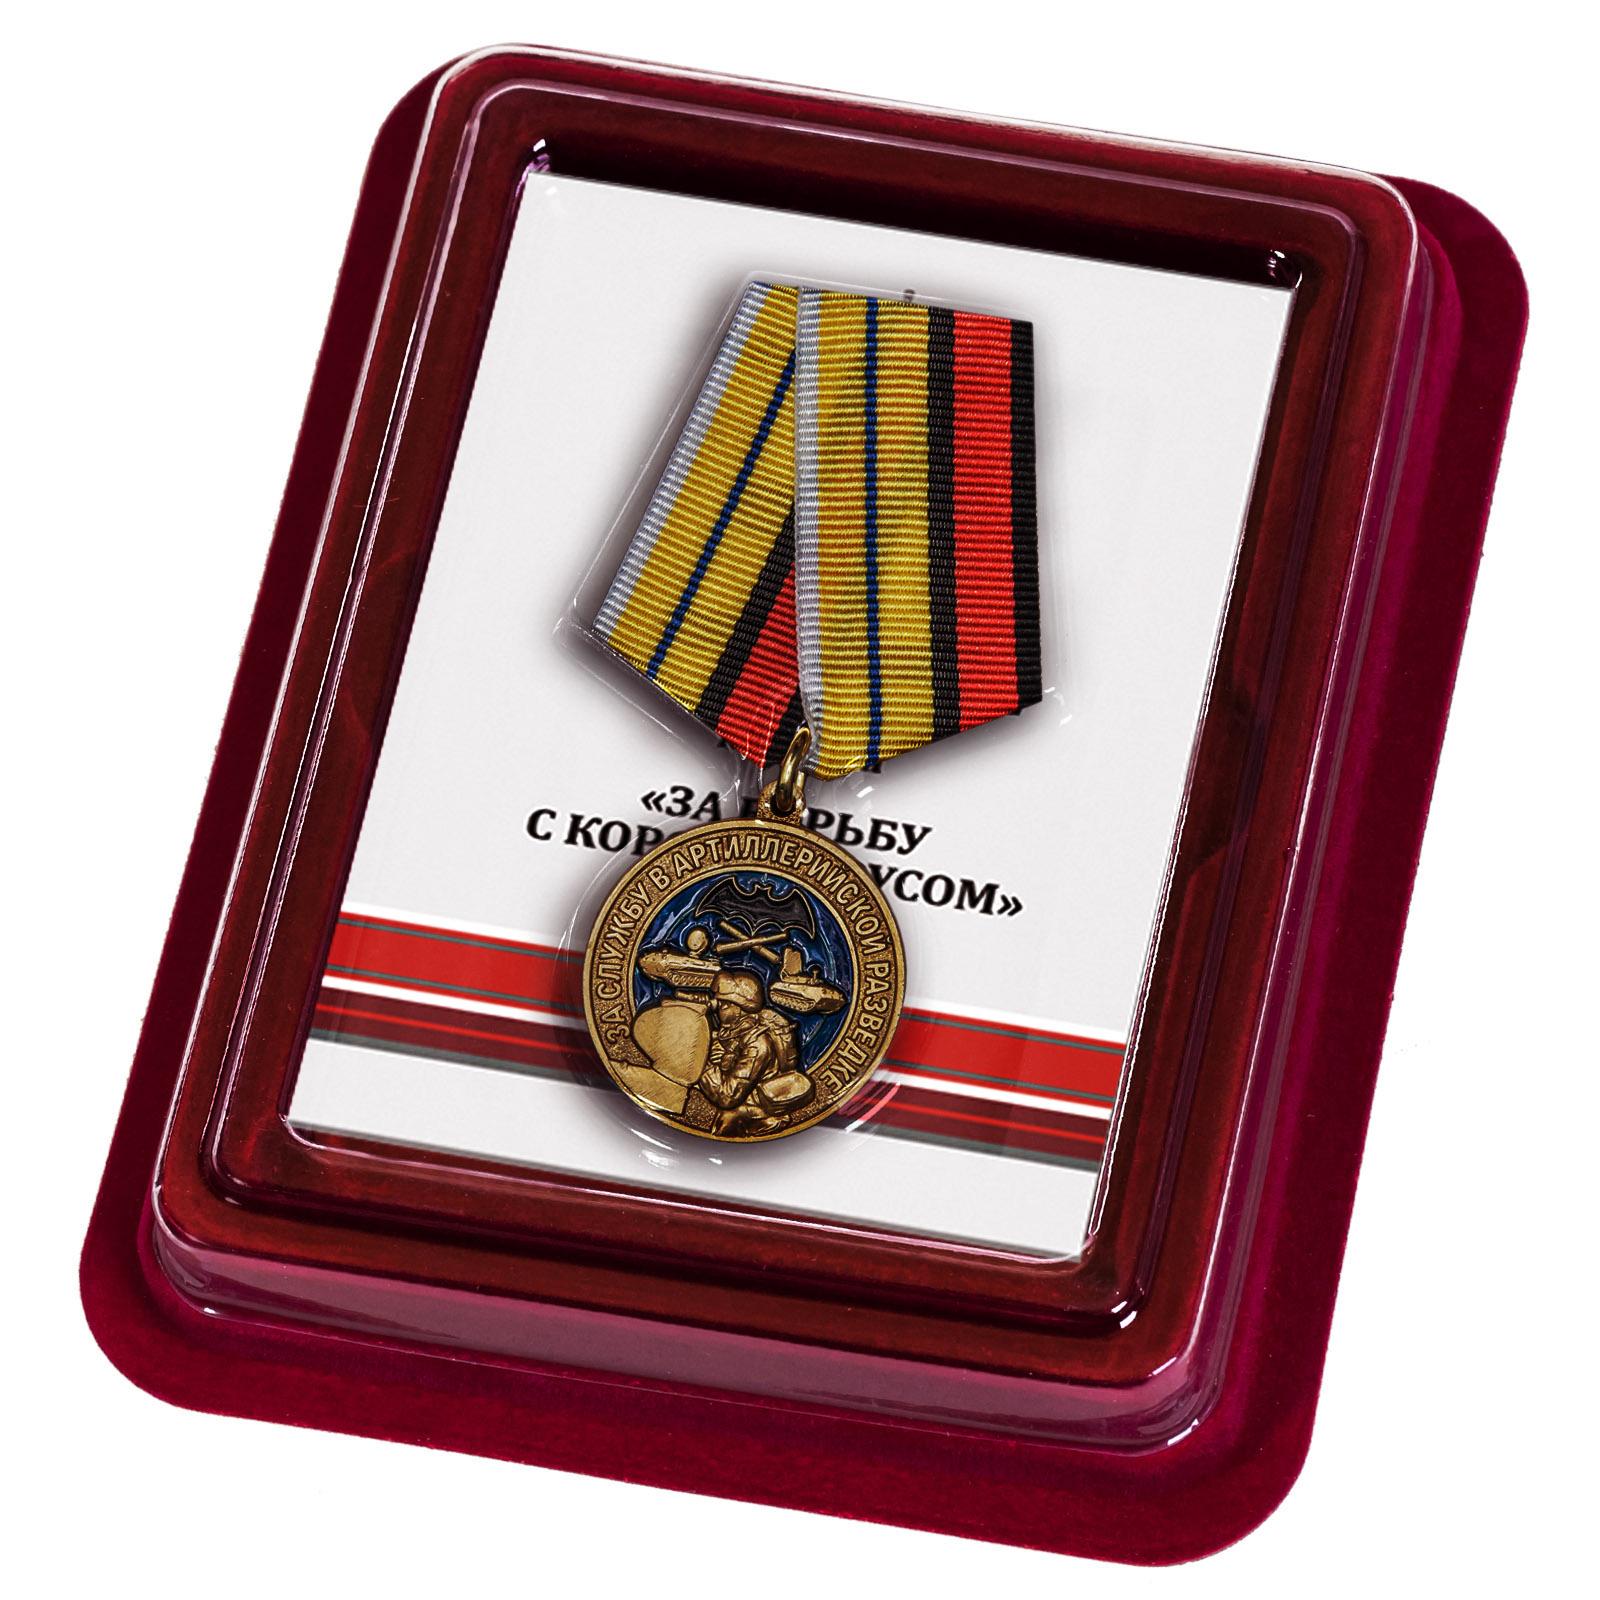 Нагрудная медаль За службу в артиллерийской разведке - в футляре